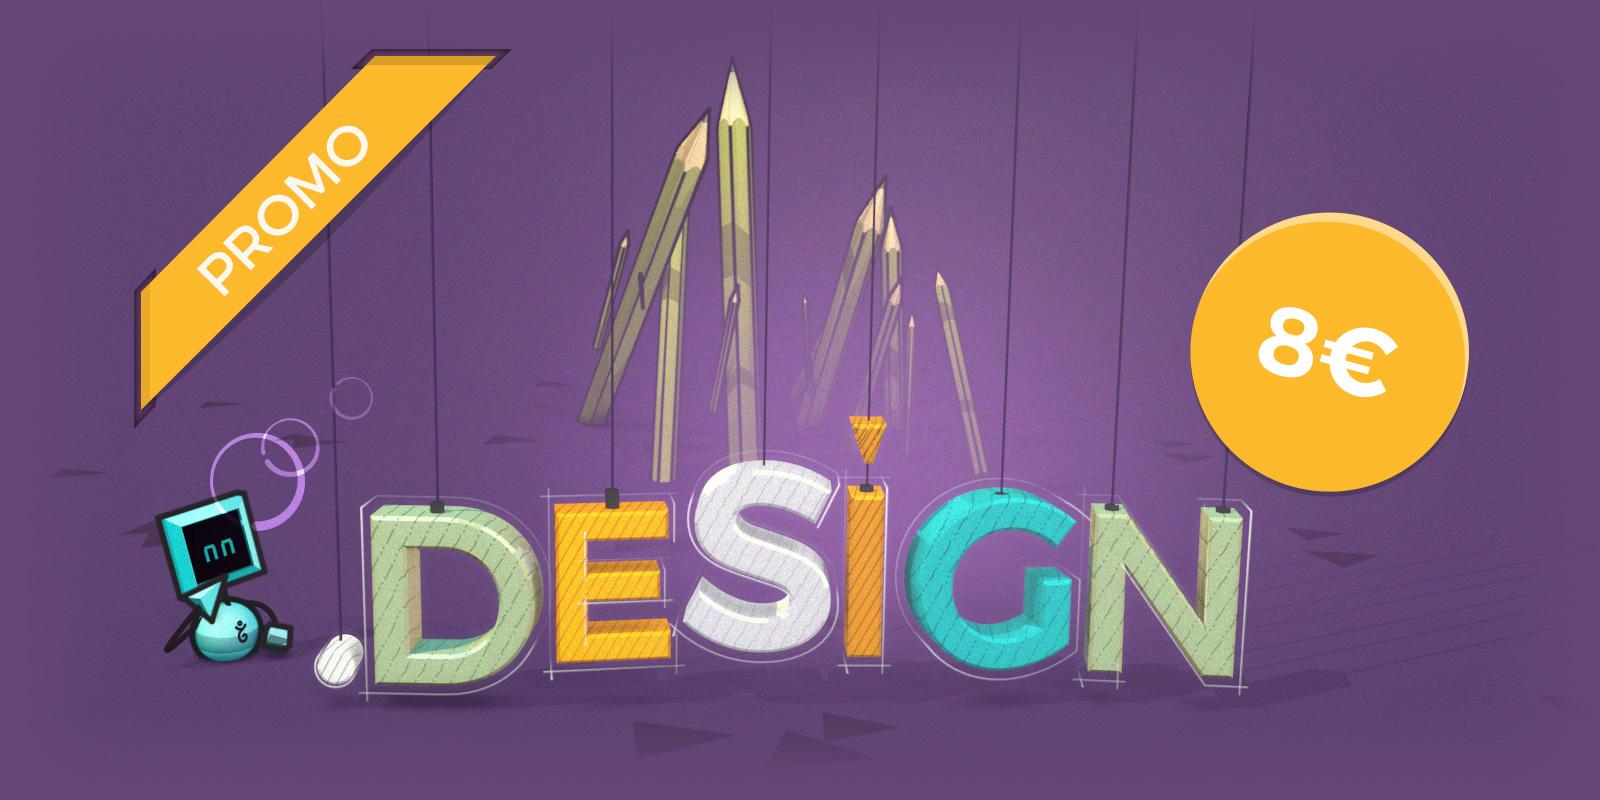 Oferta especial en los nombres de dominio en .DESIGN